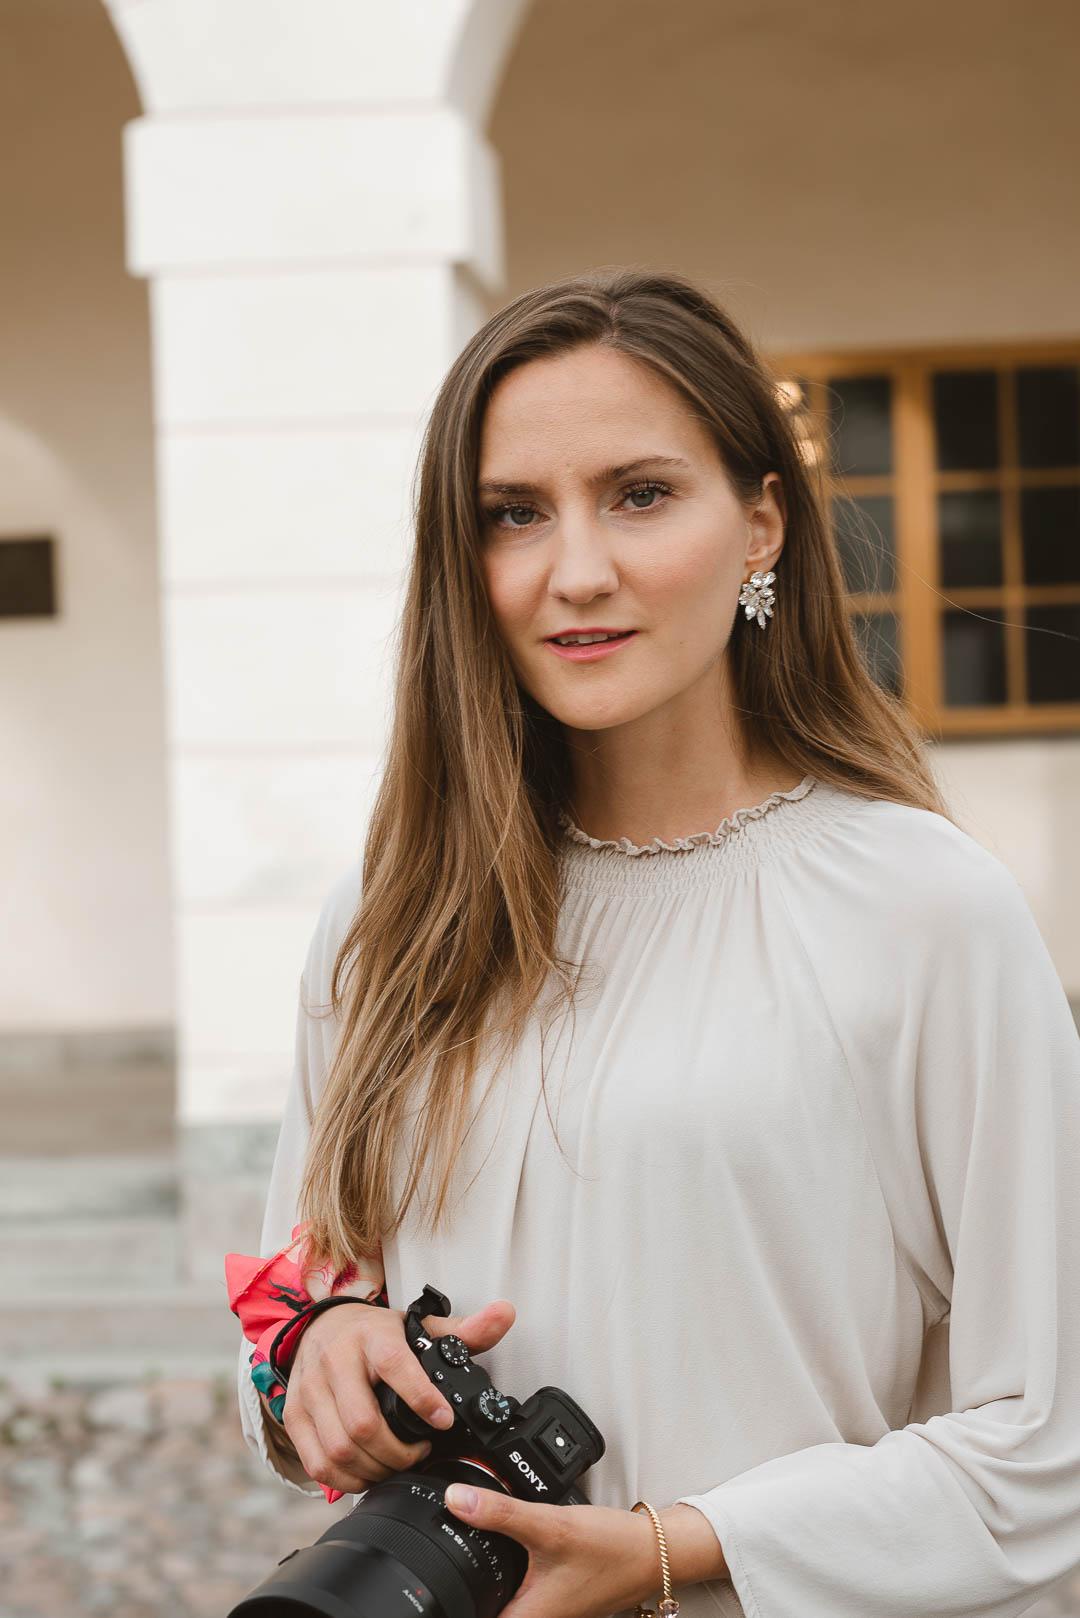 Marilia Bognandi